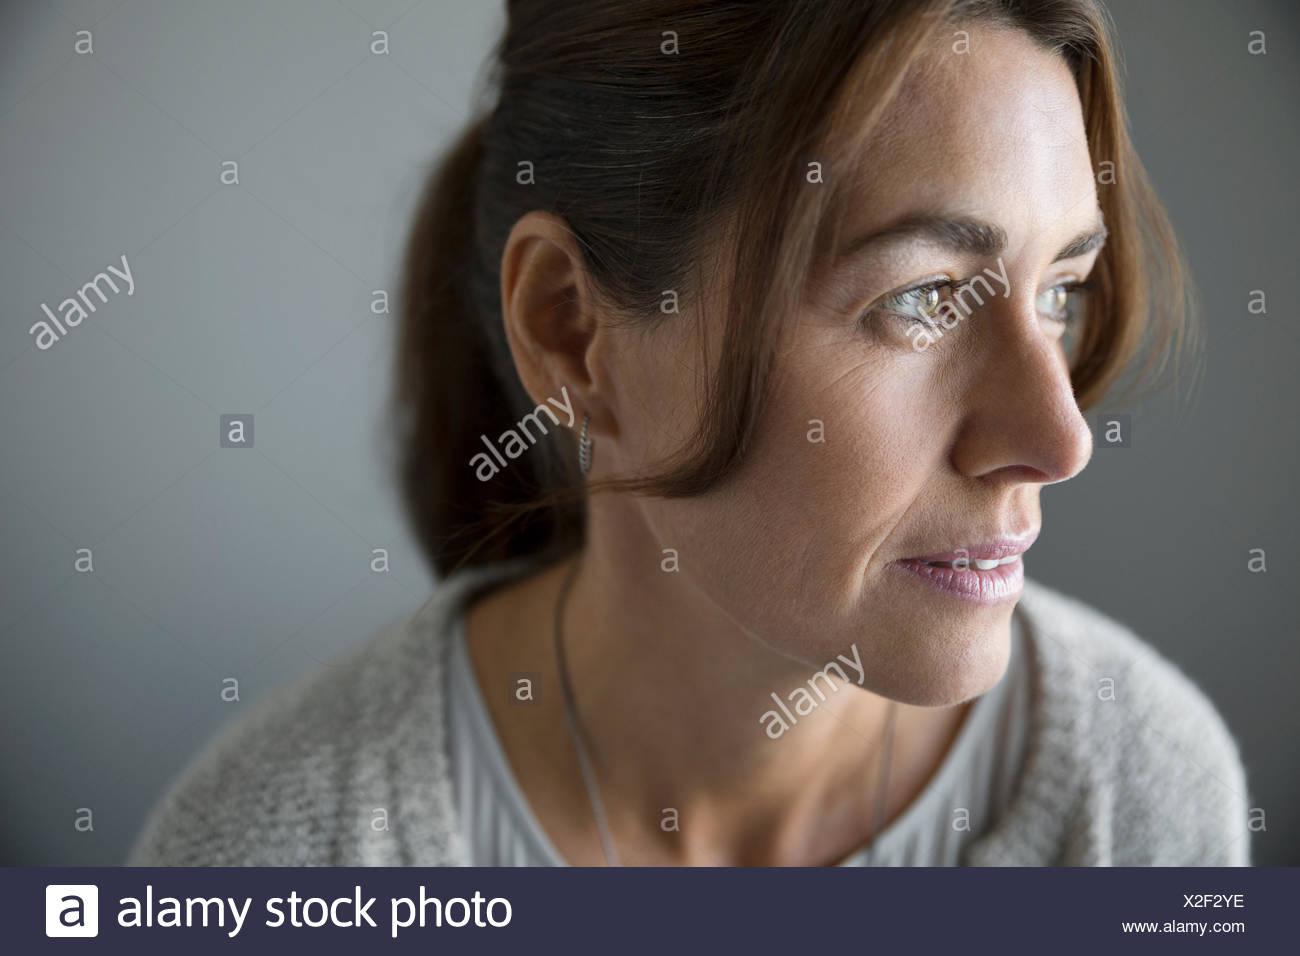 Cerrar pensive morena mujer mirando lejos Imagen De Stock